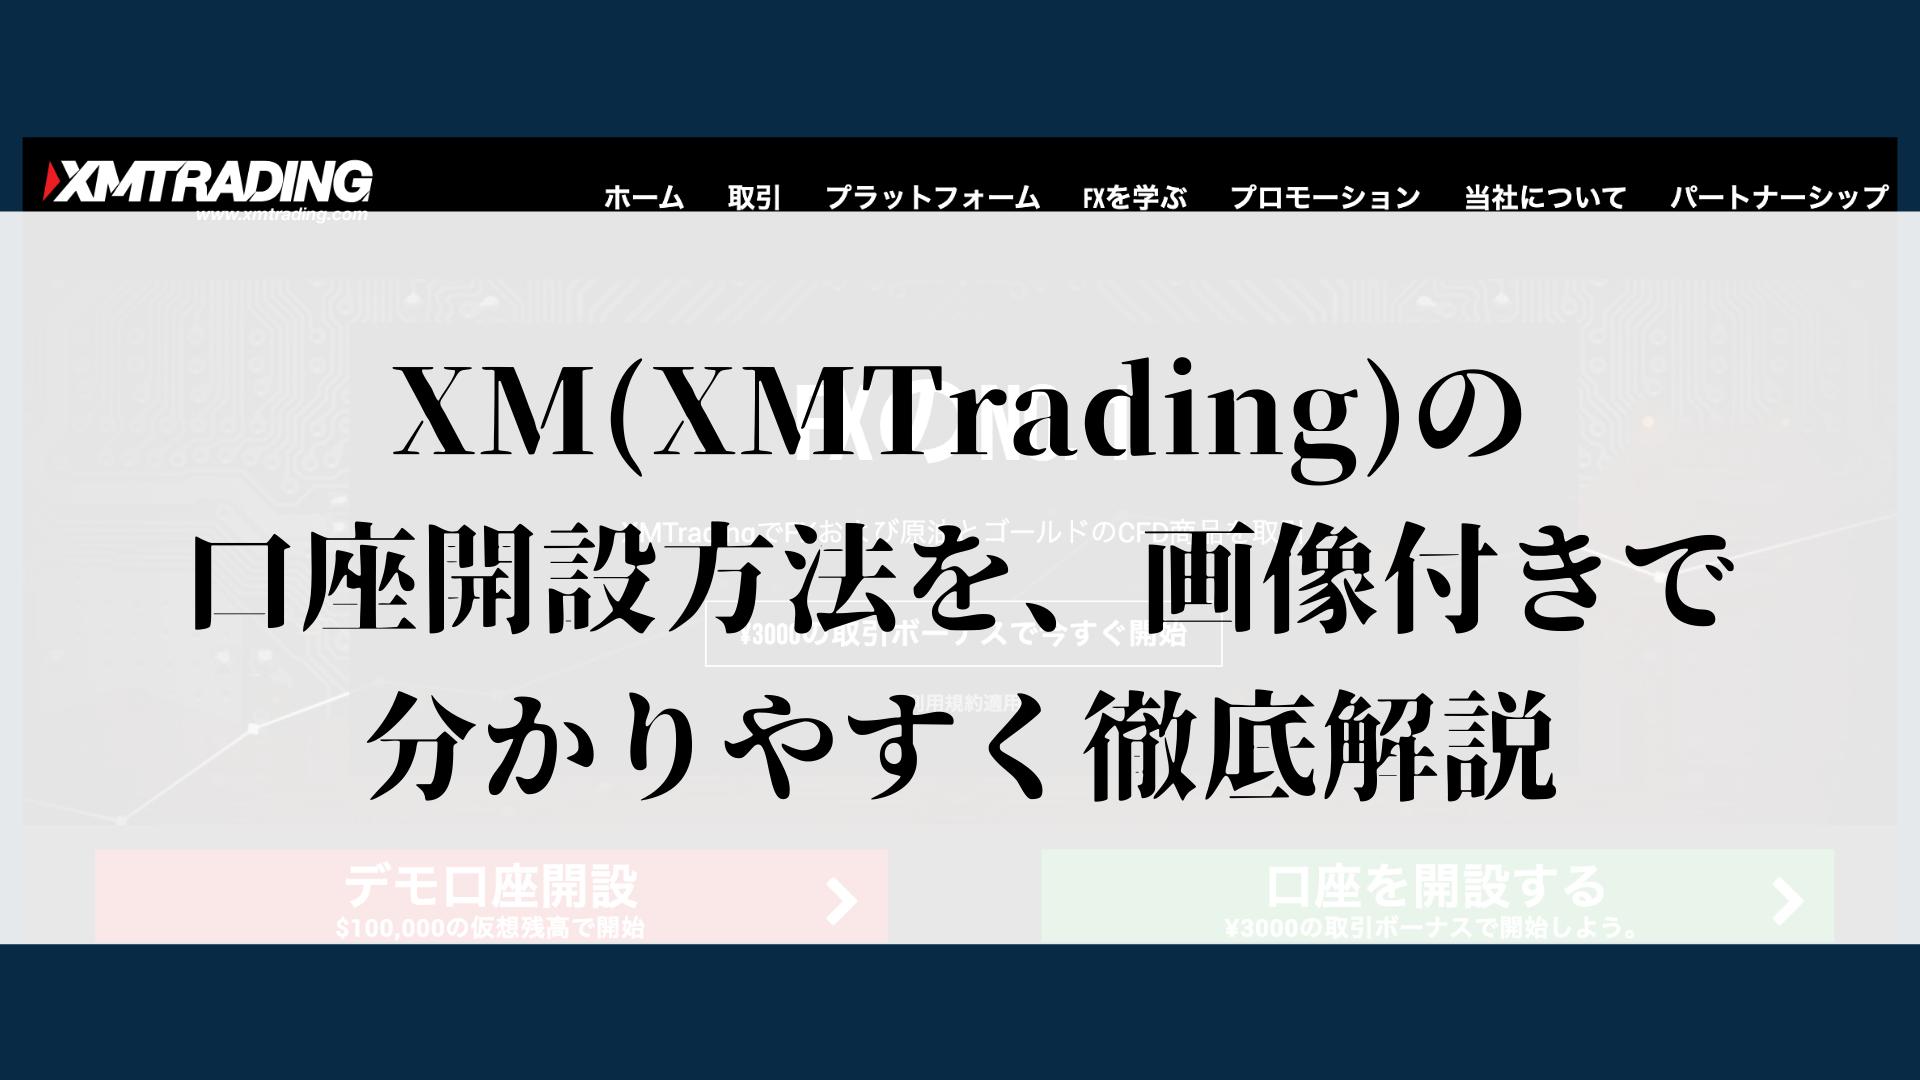 XM(XMTrading)の口座開設方法を、画像付きでどこよりも分かりやすく徹底解説